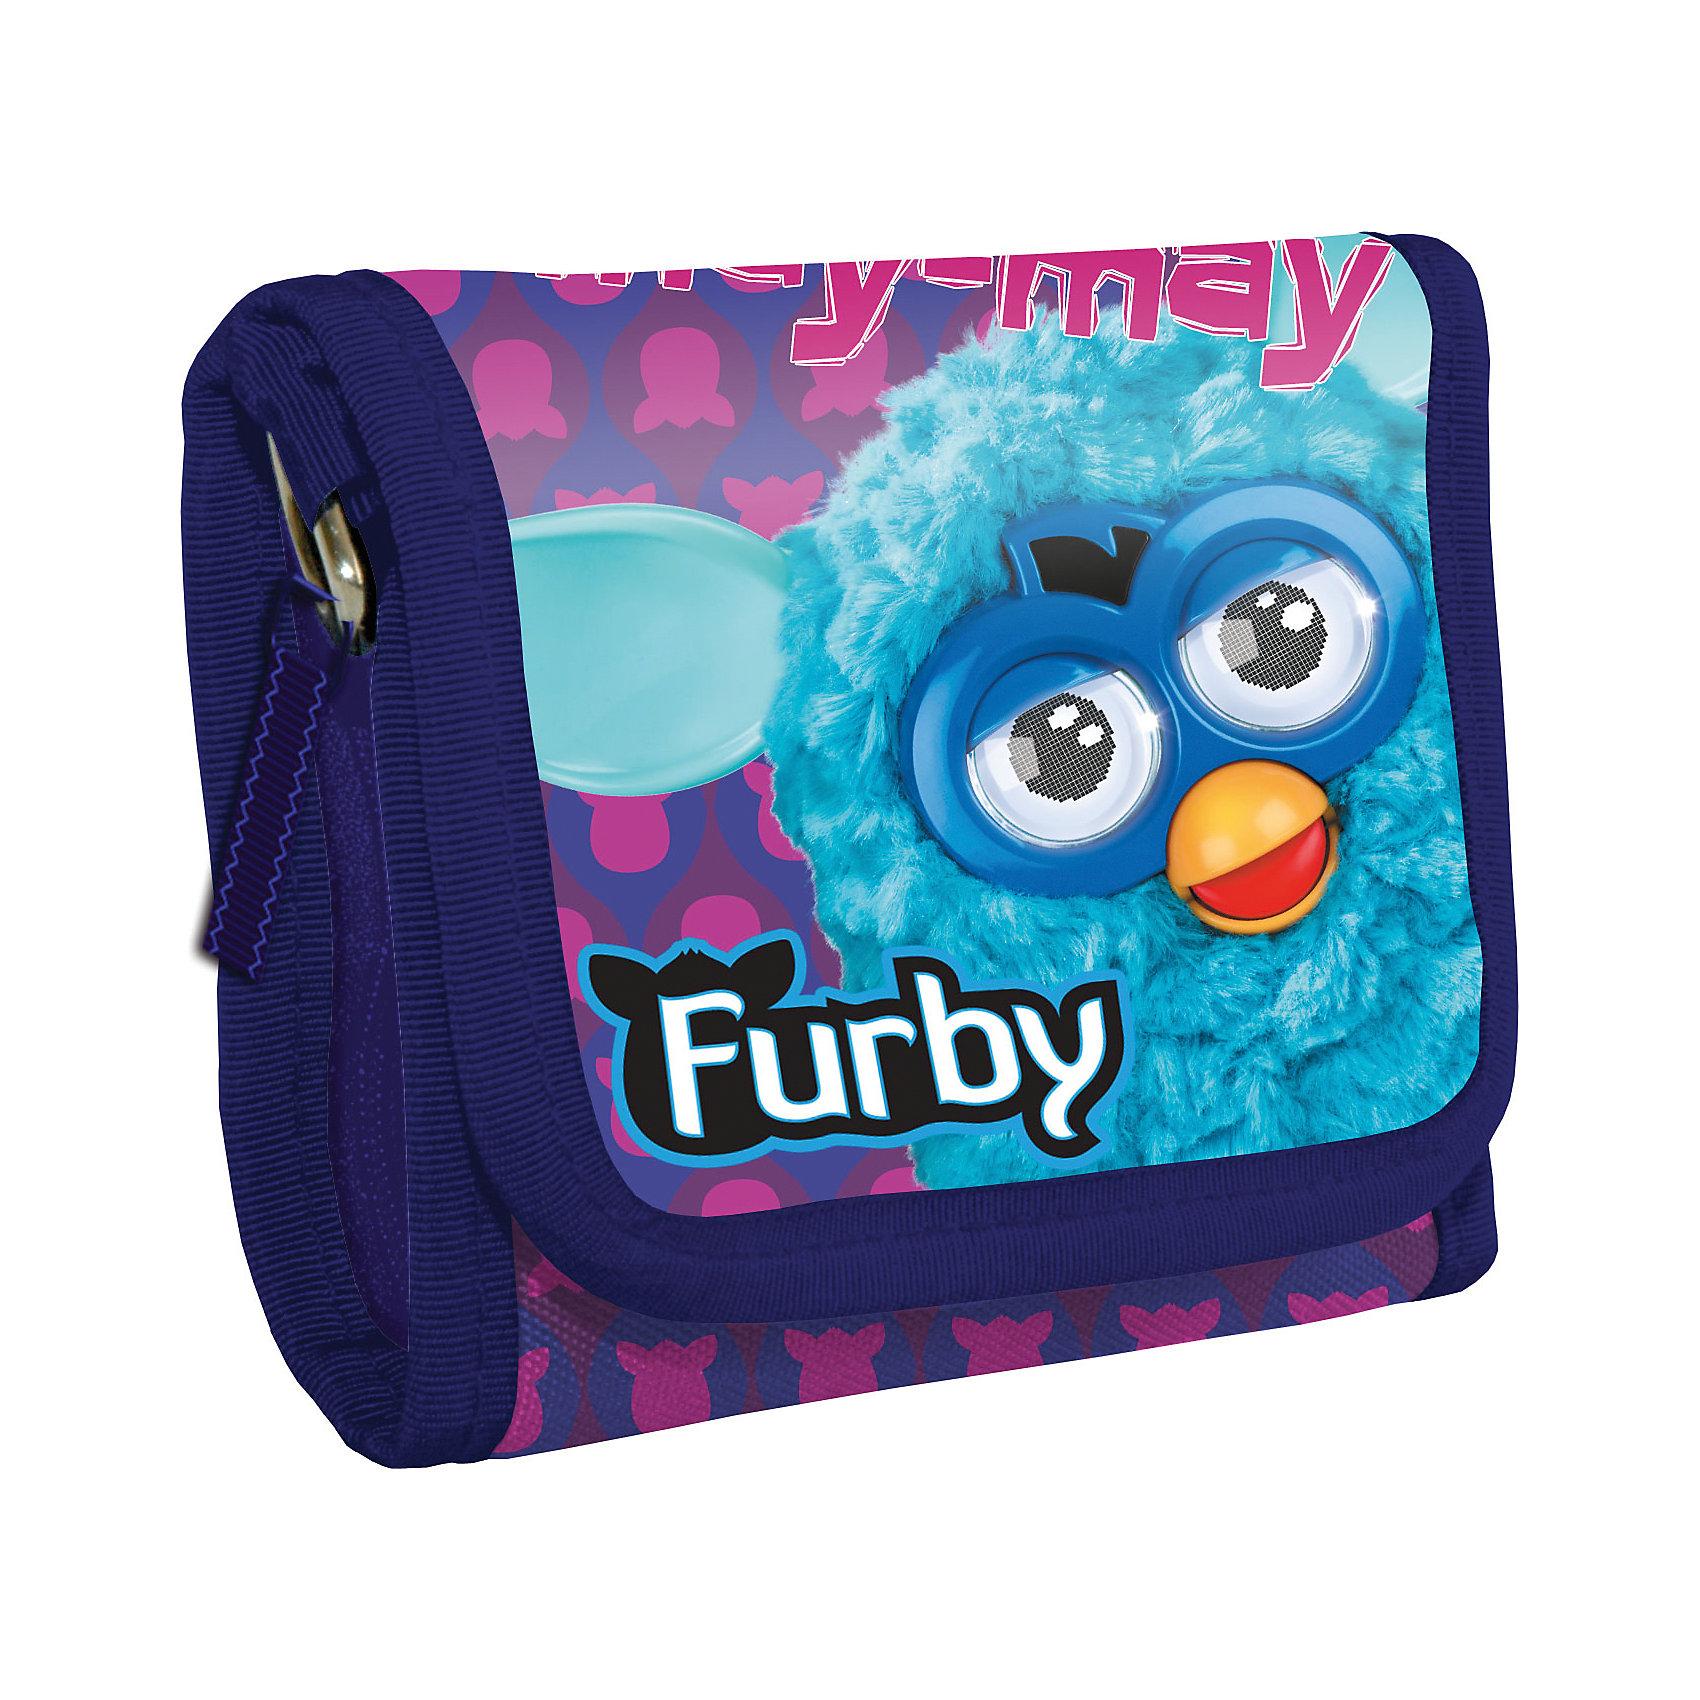 Кошелек, FurbyКошелек, Furby (Фёрби).<br><br>Характеристики:<br><br>- Размеры:14х9х2см<br>- Материал: текстиль.<br><br>Кошелек, Furby (Фёрби) – стильный аксессуар для стильного ребенка. Кошелек изготовлен из прочного материала устойчивого к износу. Закрывается клапаном на липучке. Внутри кошелька кармшек, обработанный подкладочным материалом. Украшен кошелек изображением полюбившимся героем Фёрби. <br><br>Кошелек, Furby (Фёрби), можно купить в нашем интернет – магазине.<br><br>Ширина мм: 140<br>Глубина мм: 90<br>Высота мм: 20<br>Вес г: 60<br>Возраст от месяцев: 48<br>Возраст до месяцев: 96<br>Пол: Женский<br>Возраст: Детский<br>SKU: 5218426